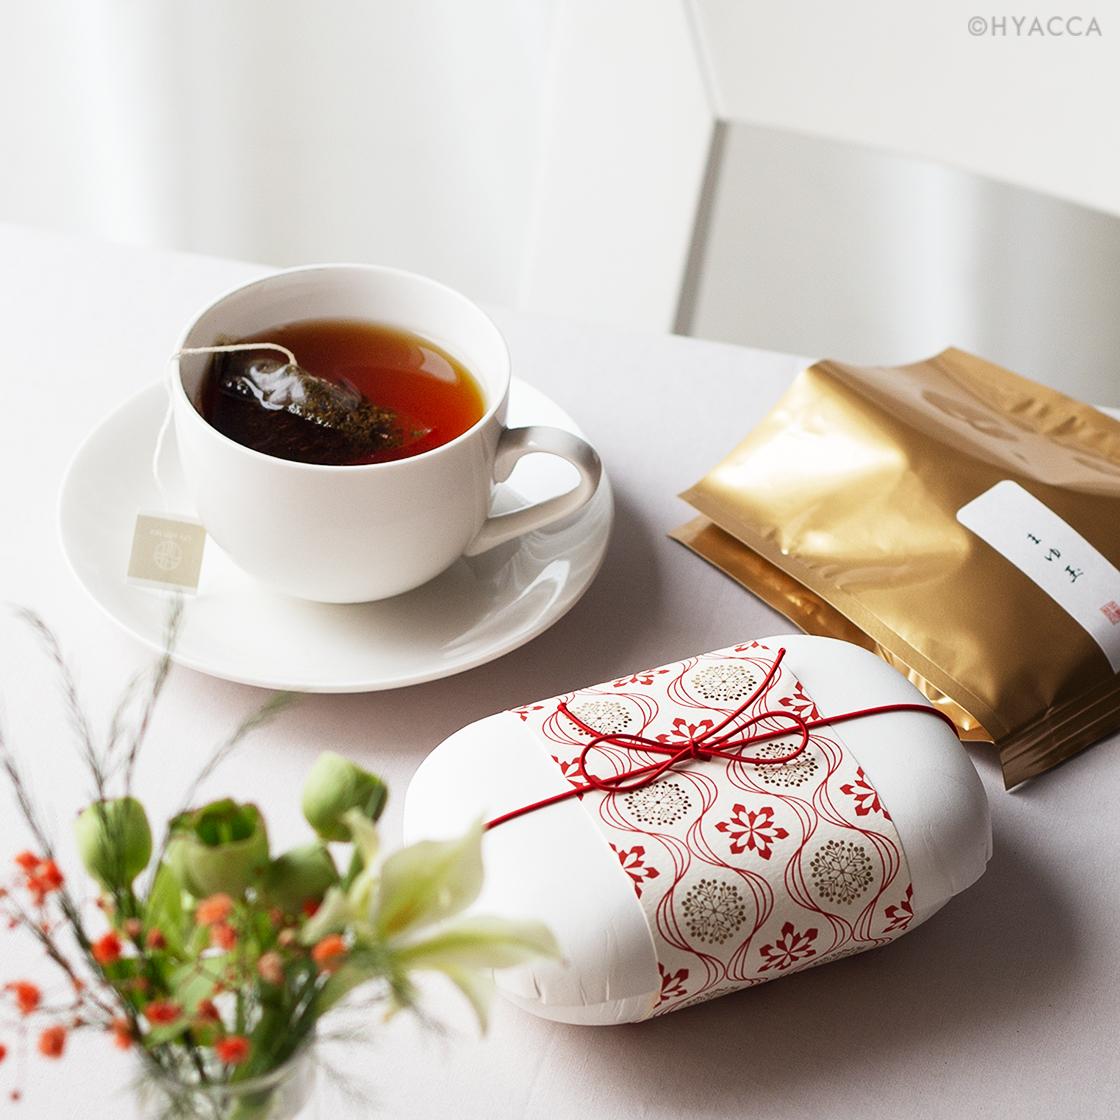 カタログギフト/メイドインジャパン+日本のおいしい食べ物2冊セット 全3種類+バームクーヘン+紅茶 11